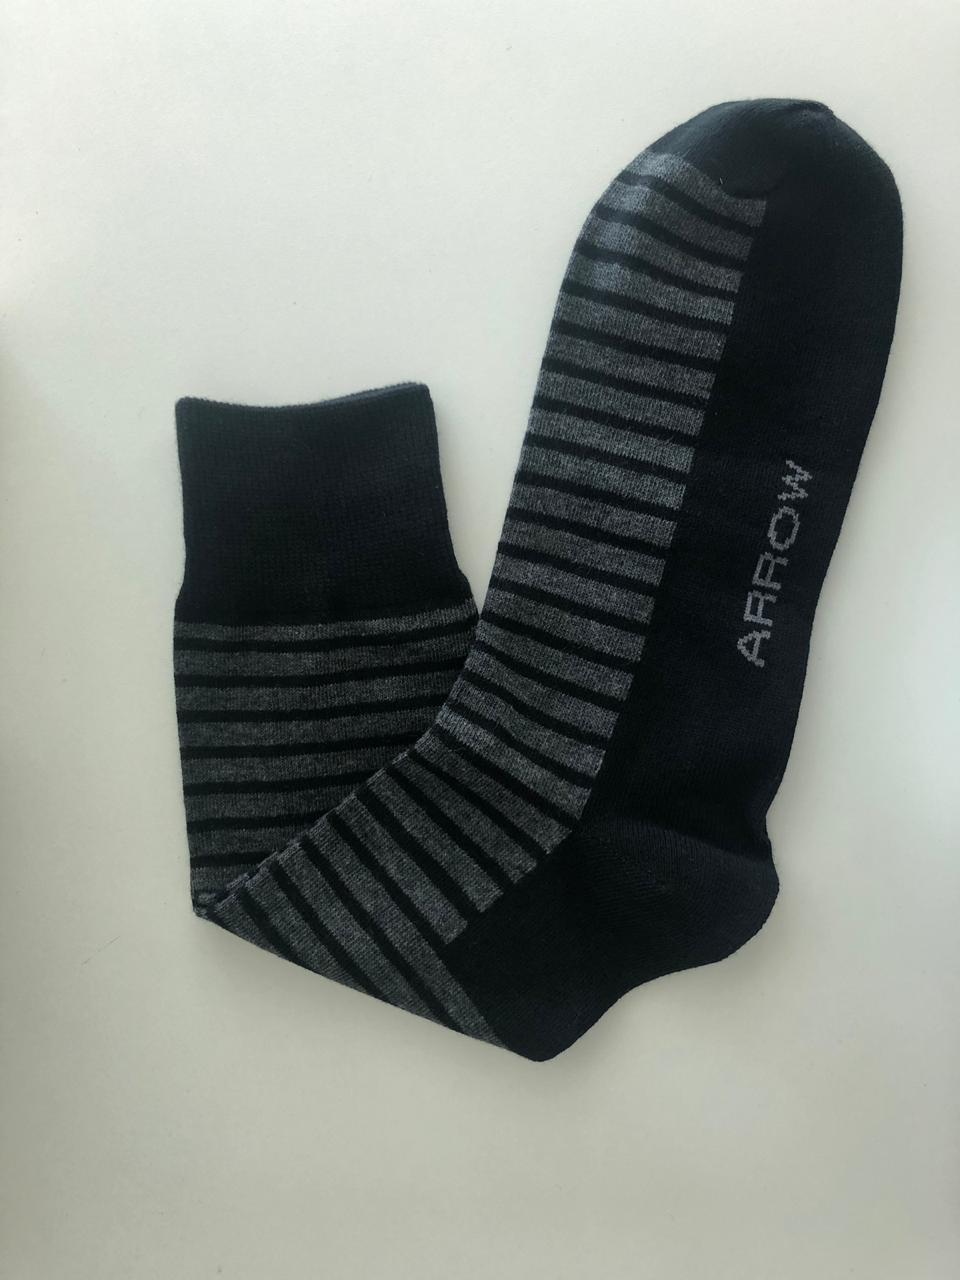 Lo calcetines nunca están demás y  en Arrow lo saben, por eso cuentan con variados diseños de la mejor calidad.